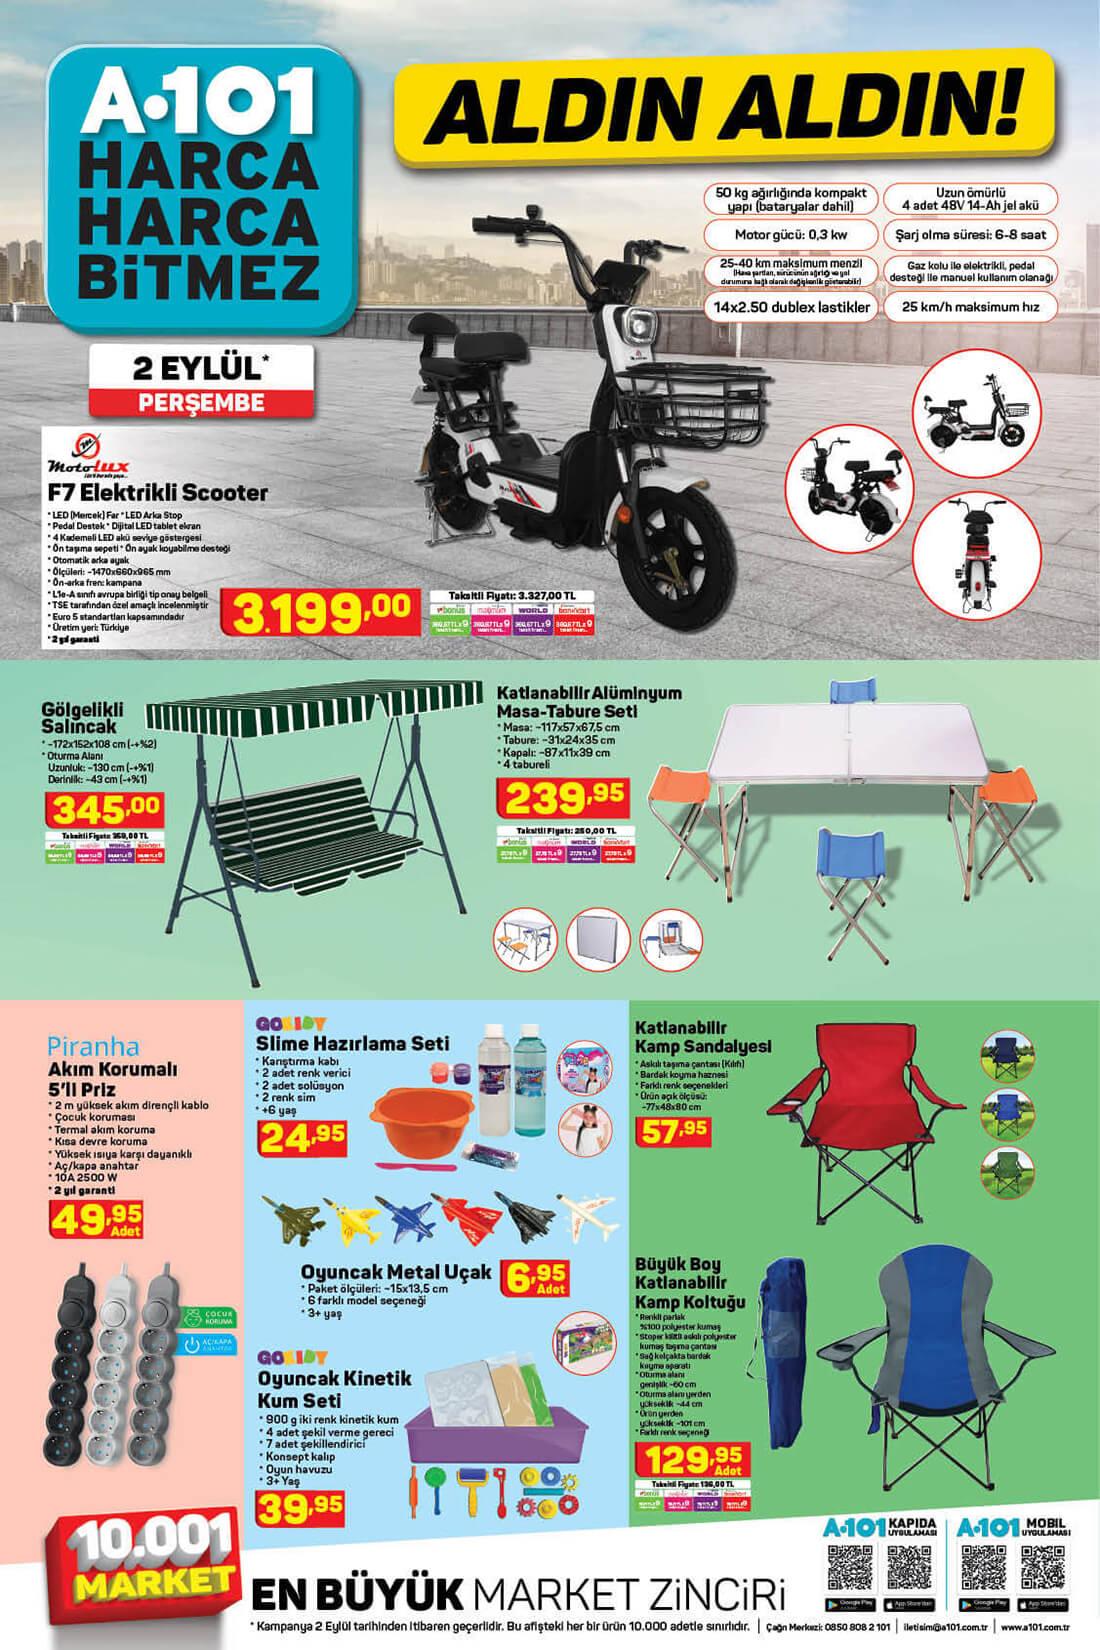 A101 2 Eylül Perşembe Spot Ürünler